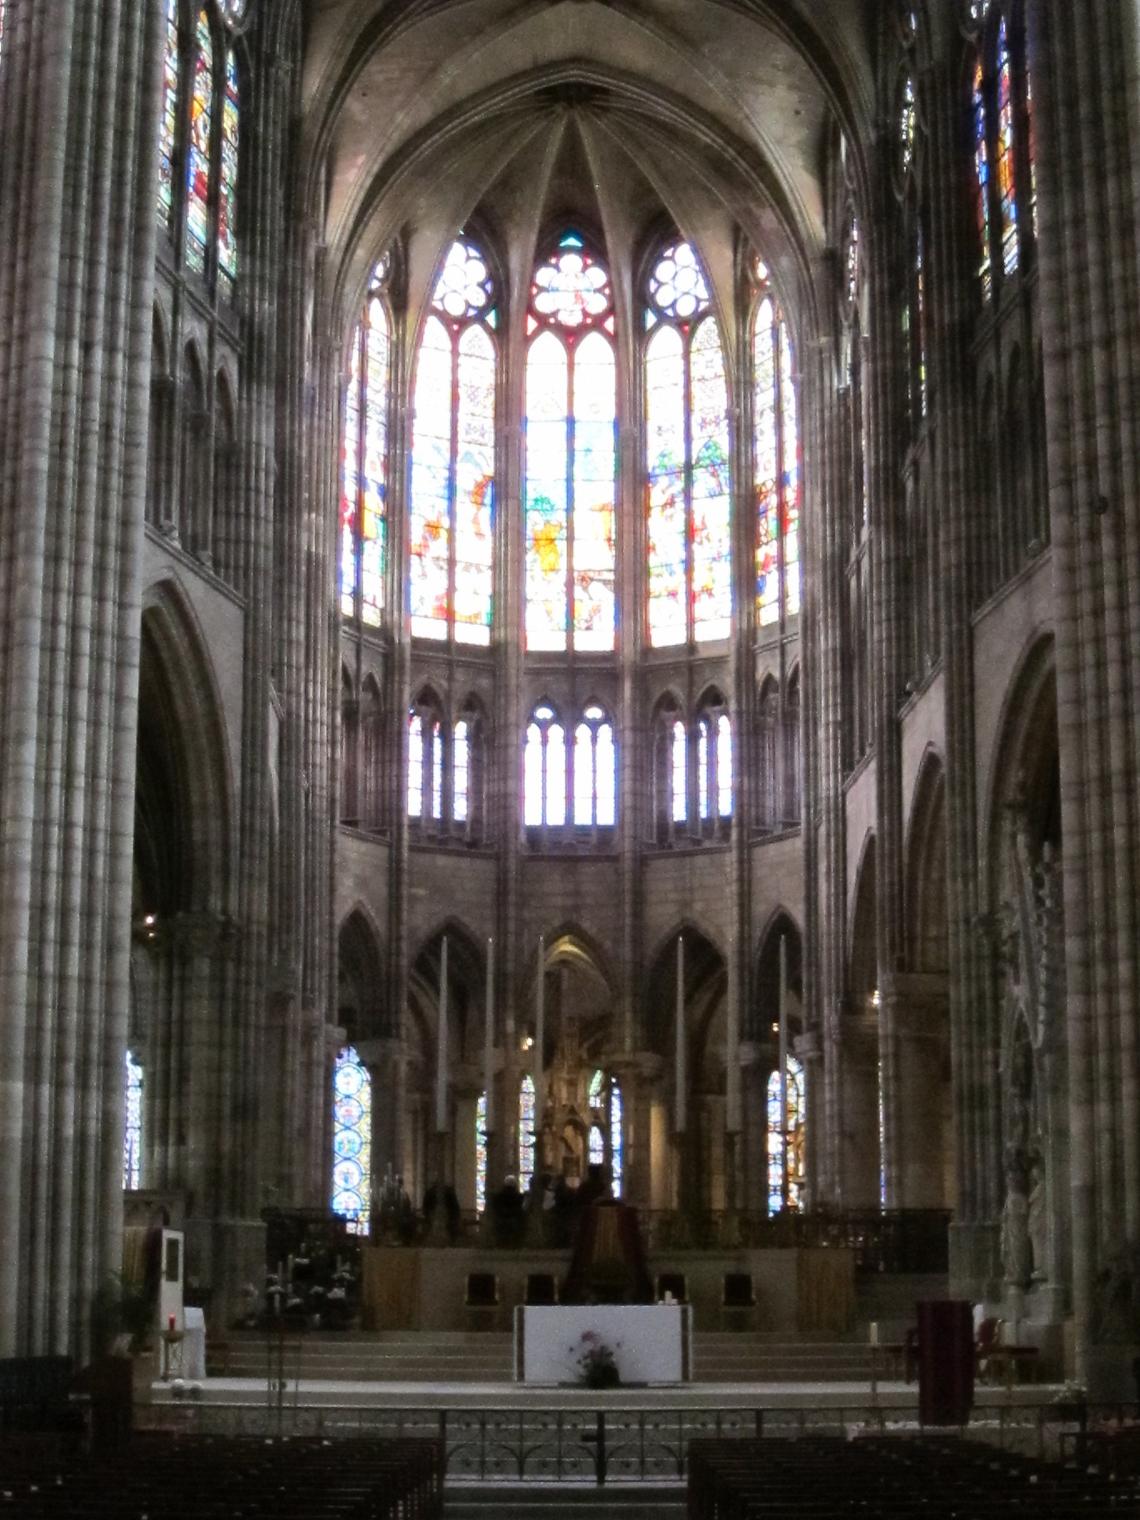 Saint Denis Gard: Gothic Architecture